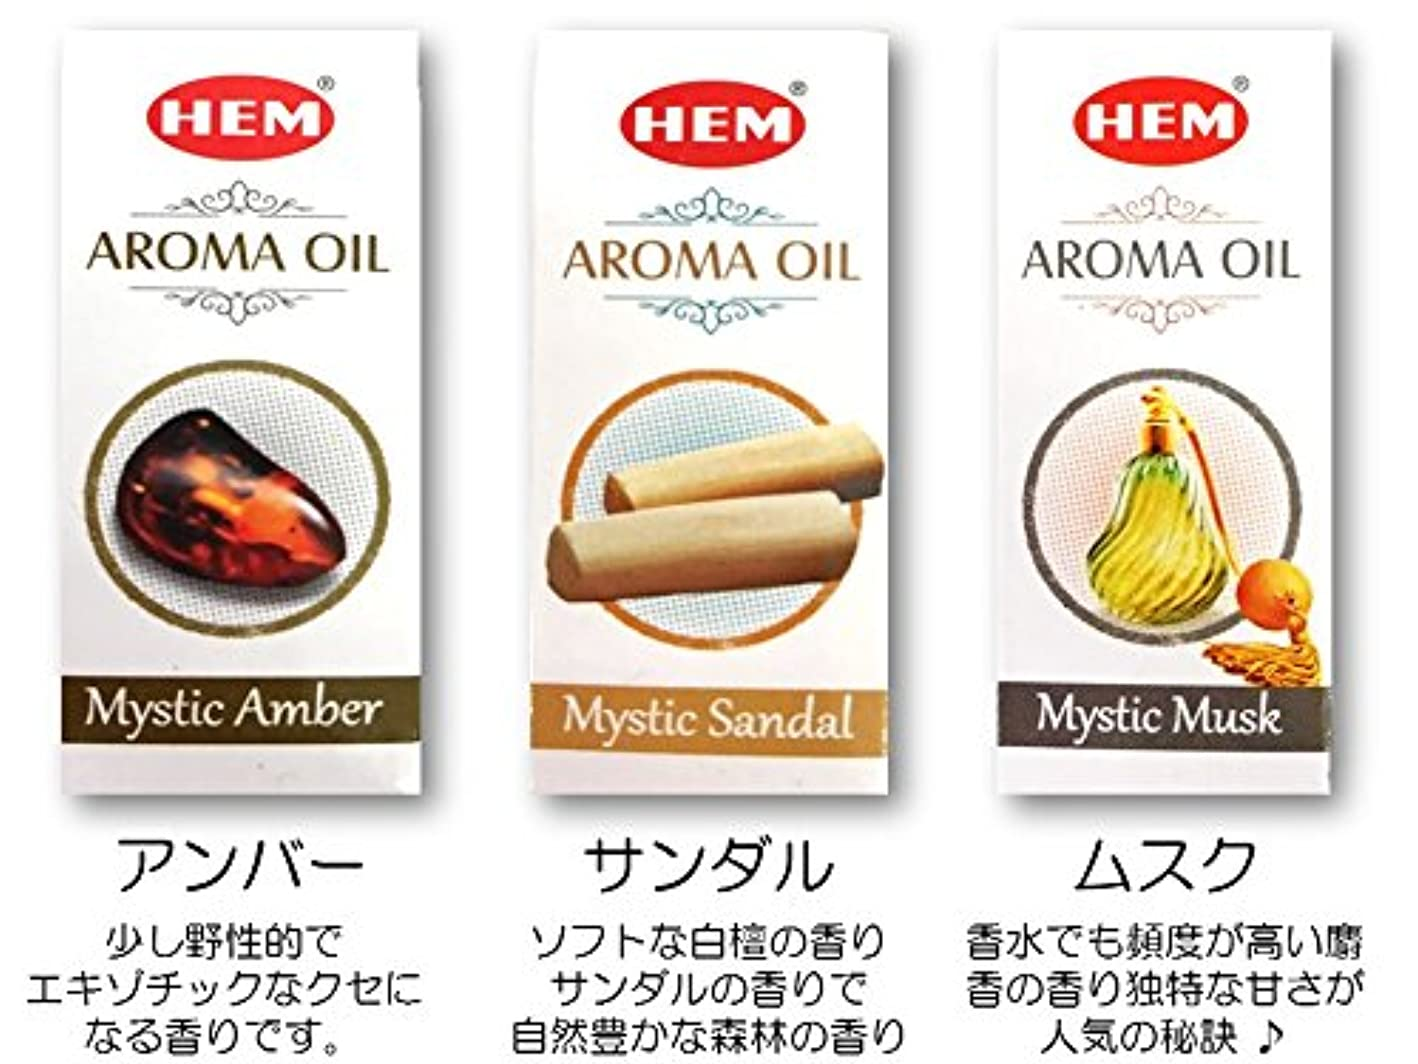 実現可能一生ヘクタールHEM(ヘム) アロマオイル 3本セット /アンバー?サンダル?ムスク/ルームフレグランス用